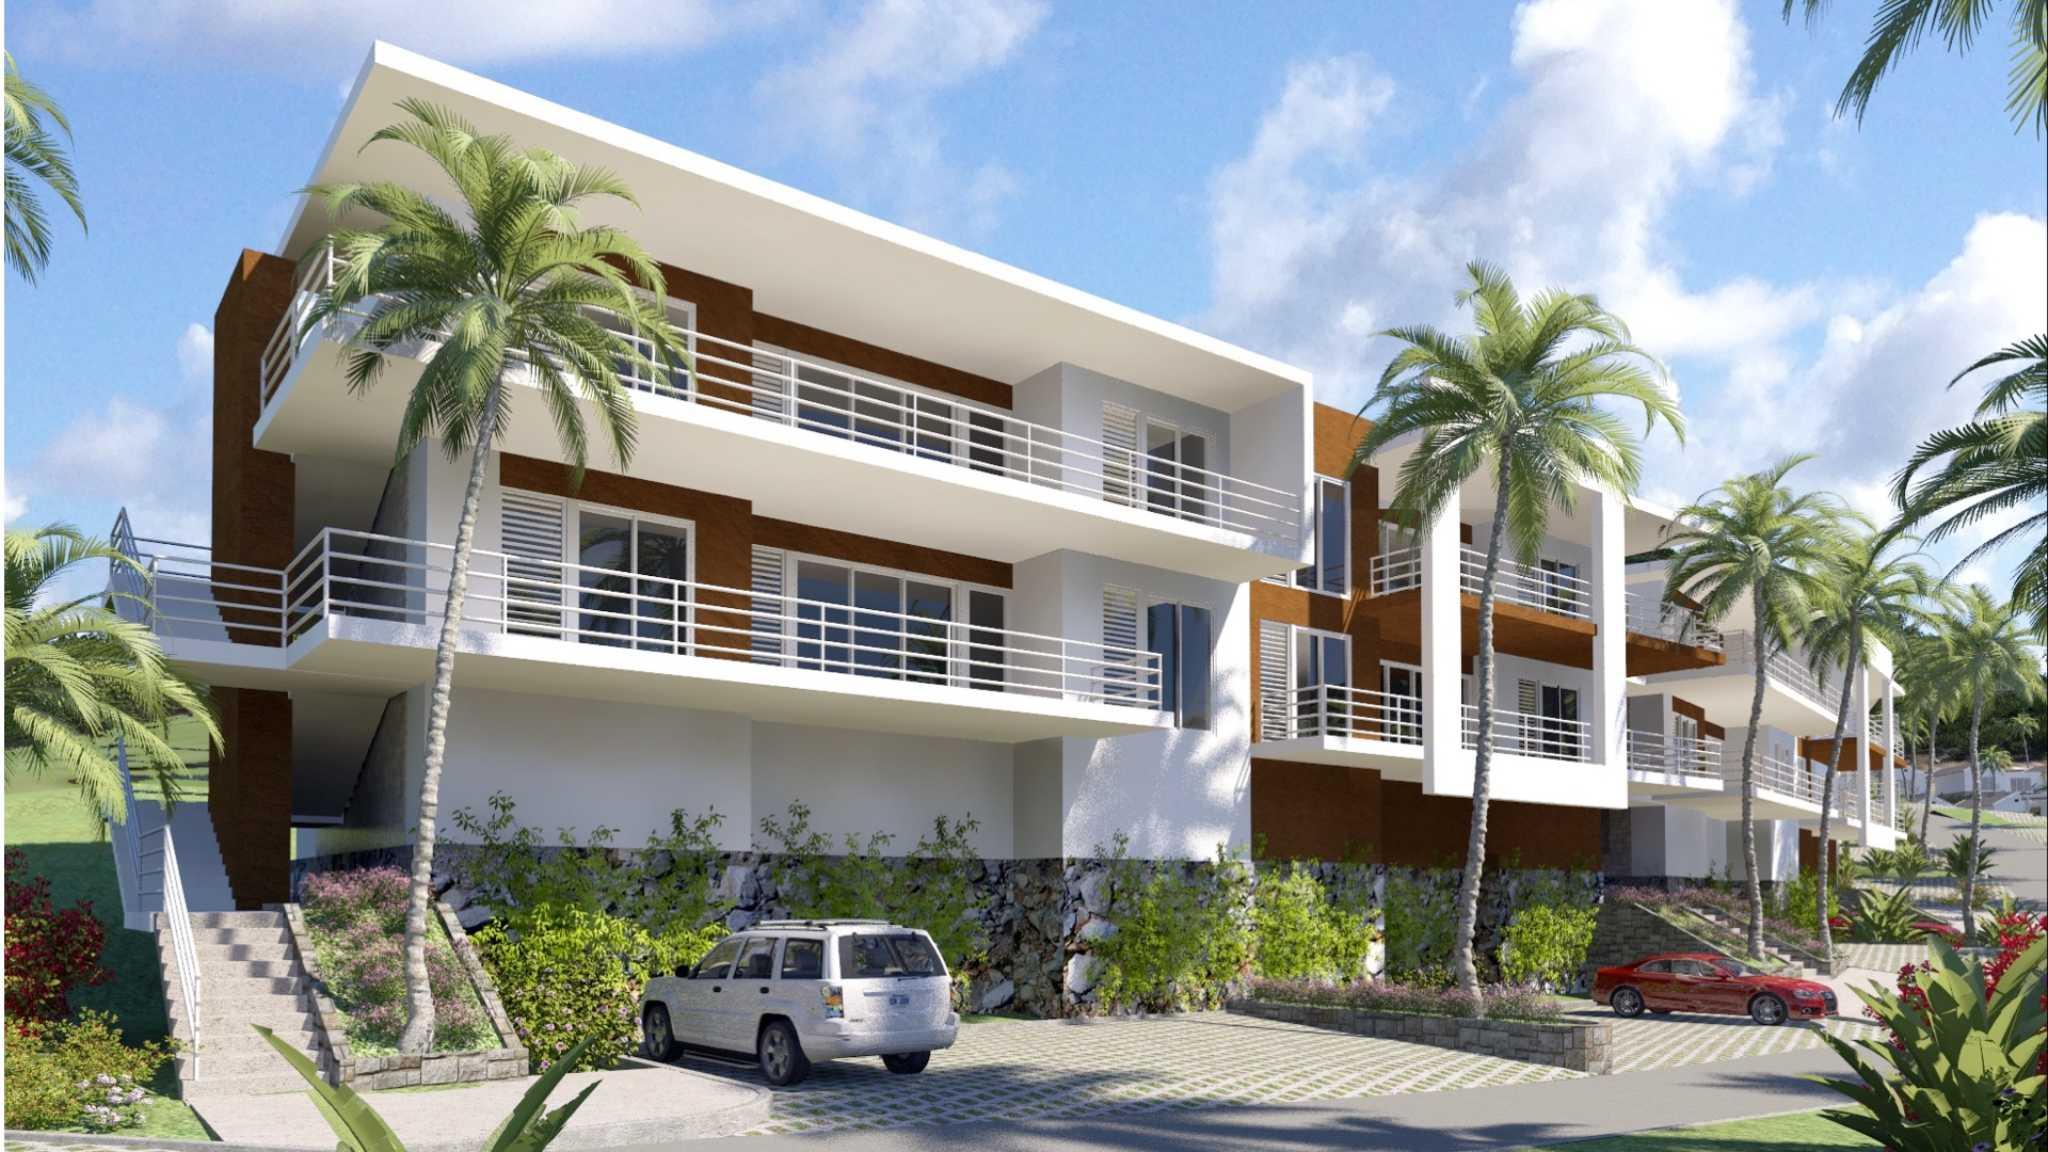 New Construction Indigo Green Two Bedroom Modern Condos